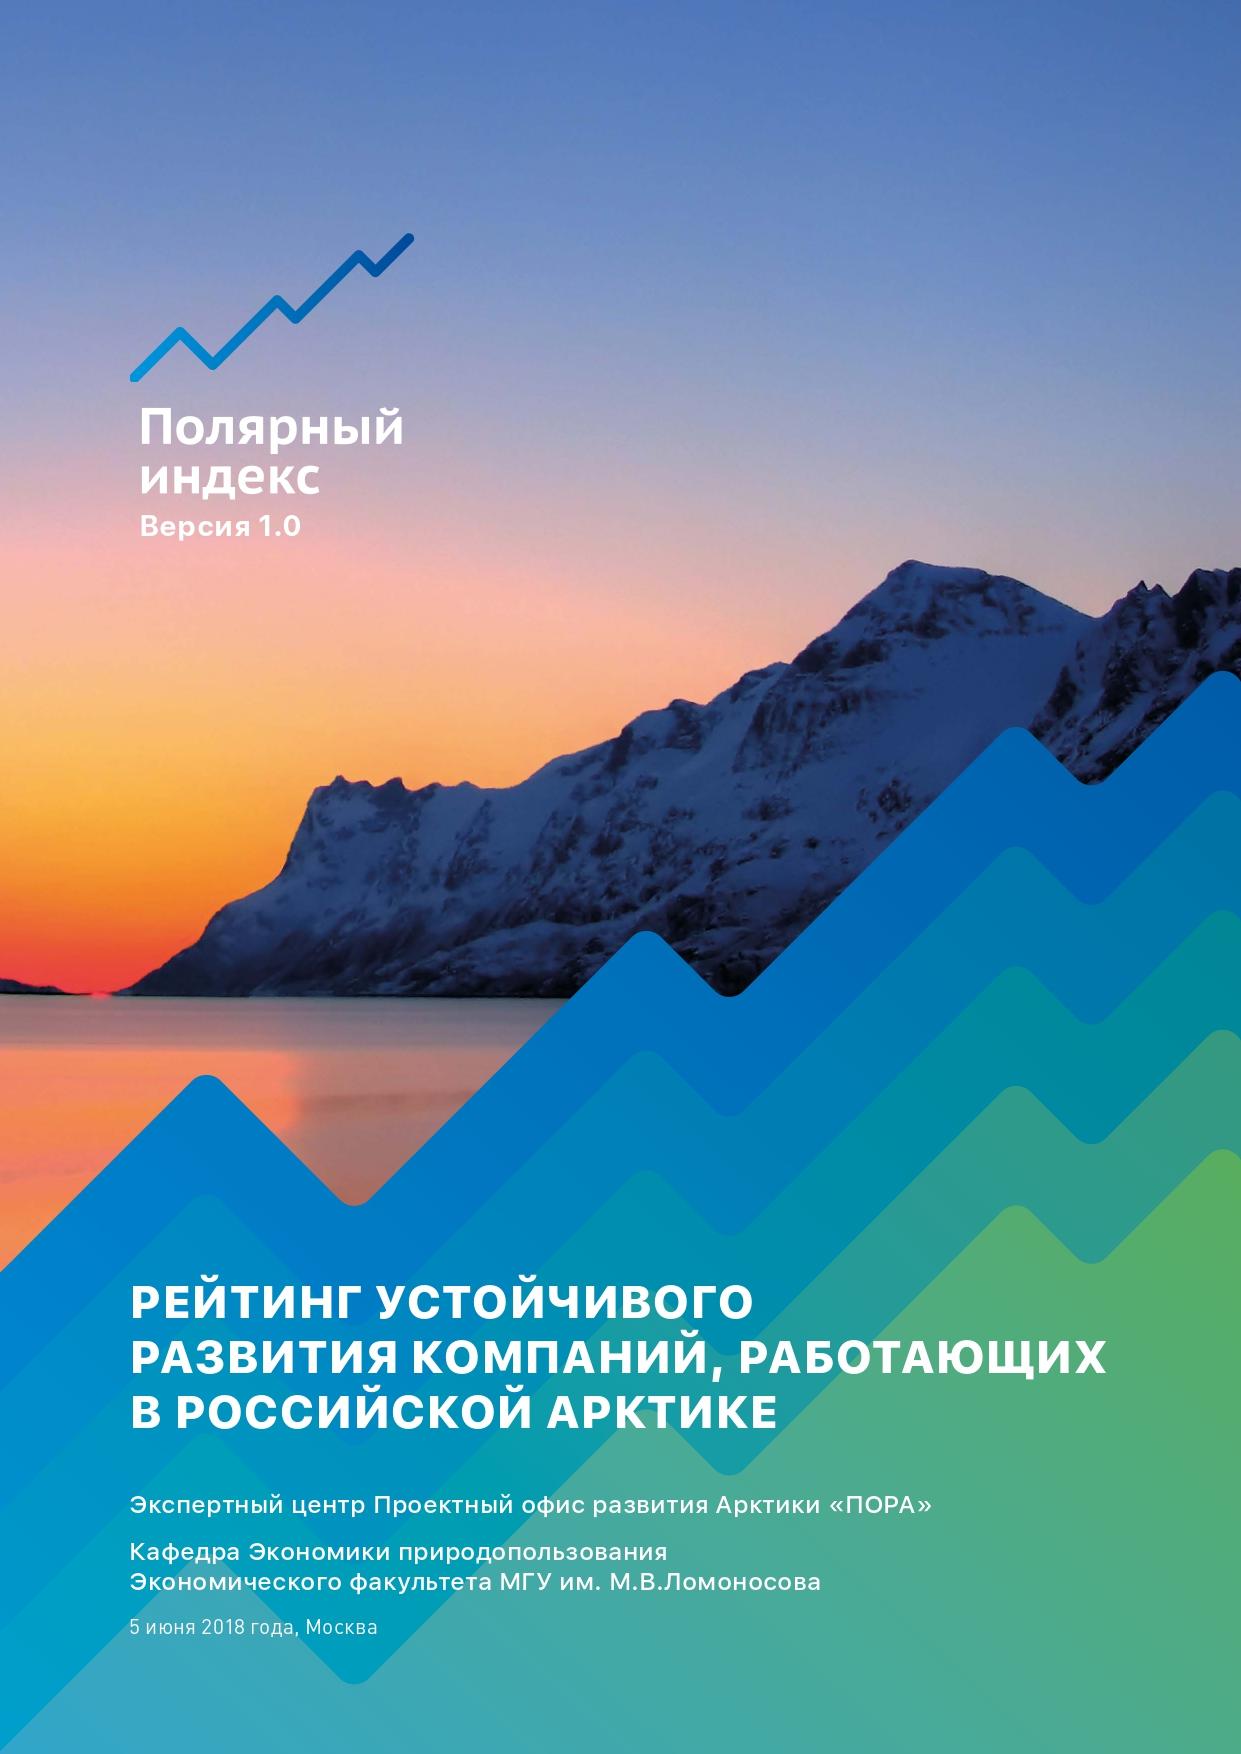 Полярный индекс. Версия 1.0 Компании // Рейтинг устойчивого развития компаний, работающих в Российской Арктике